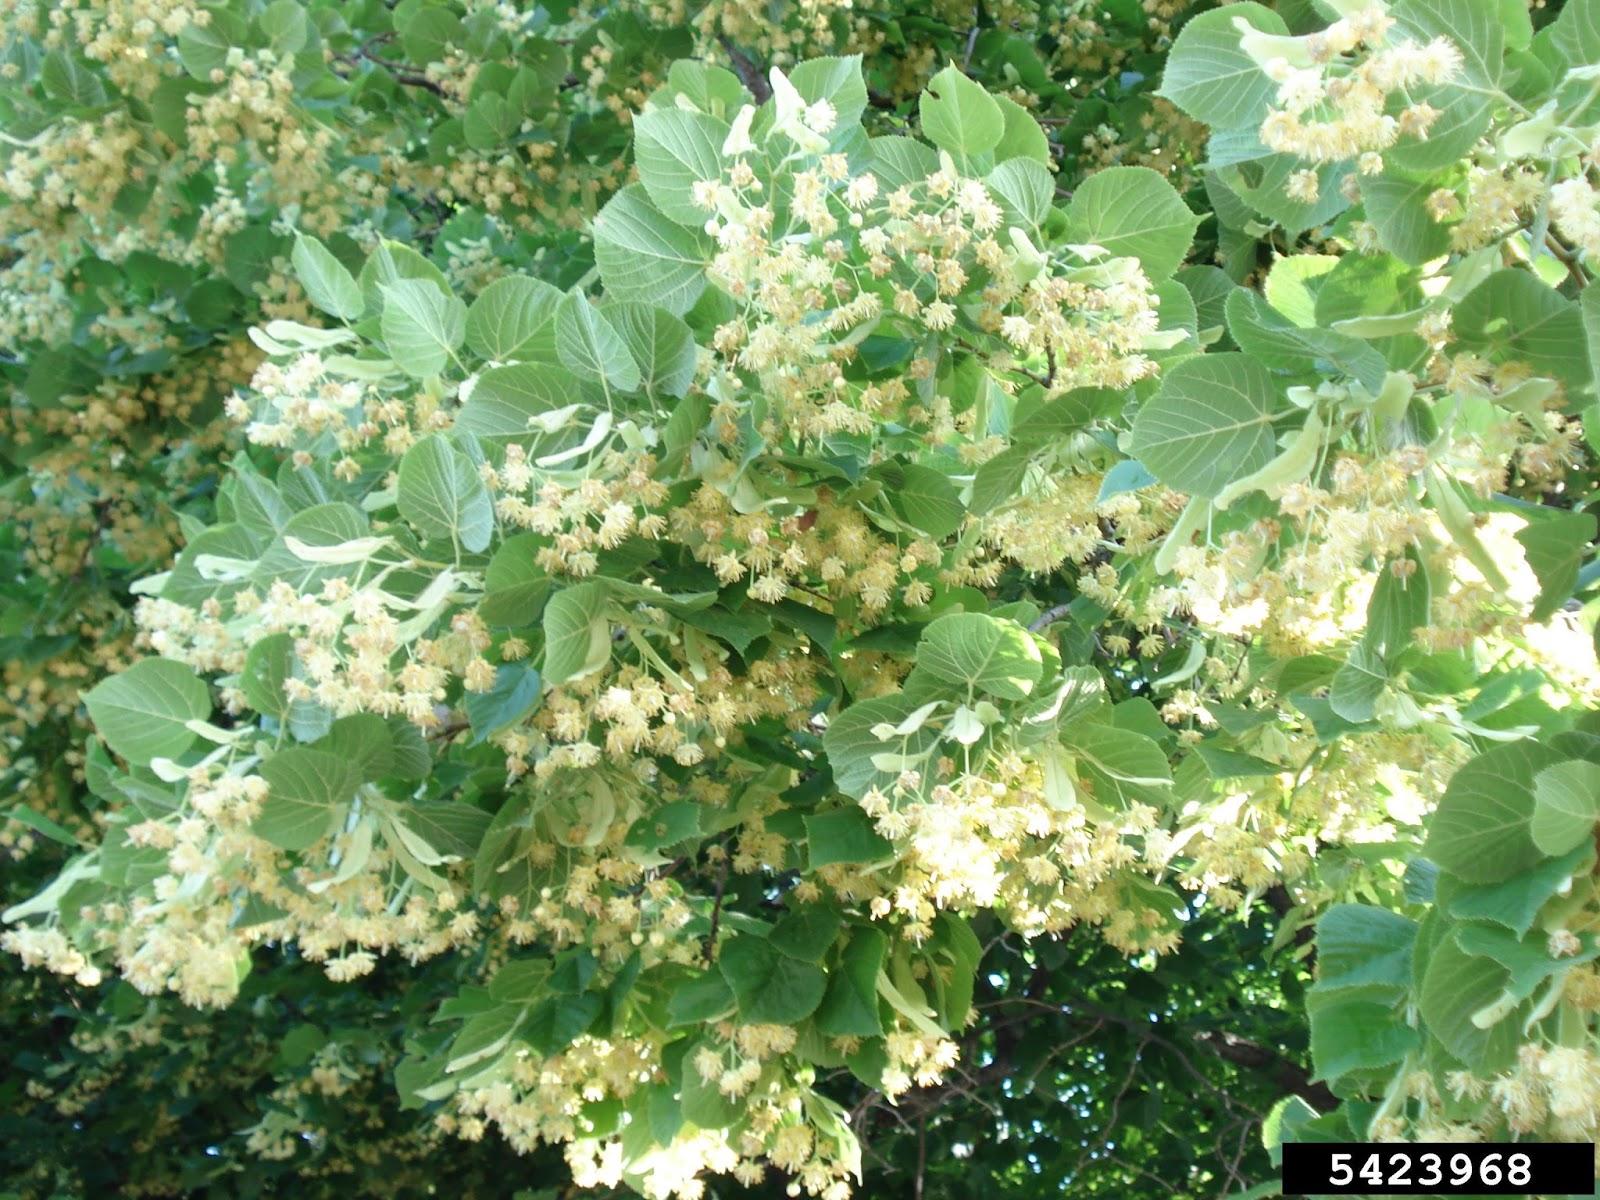 Meet A Tree: Meet the Littleleaf Linden - Tilia cordata